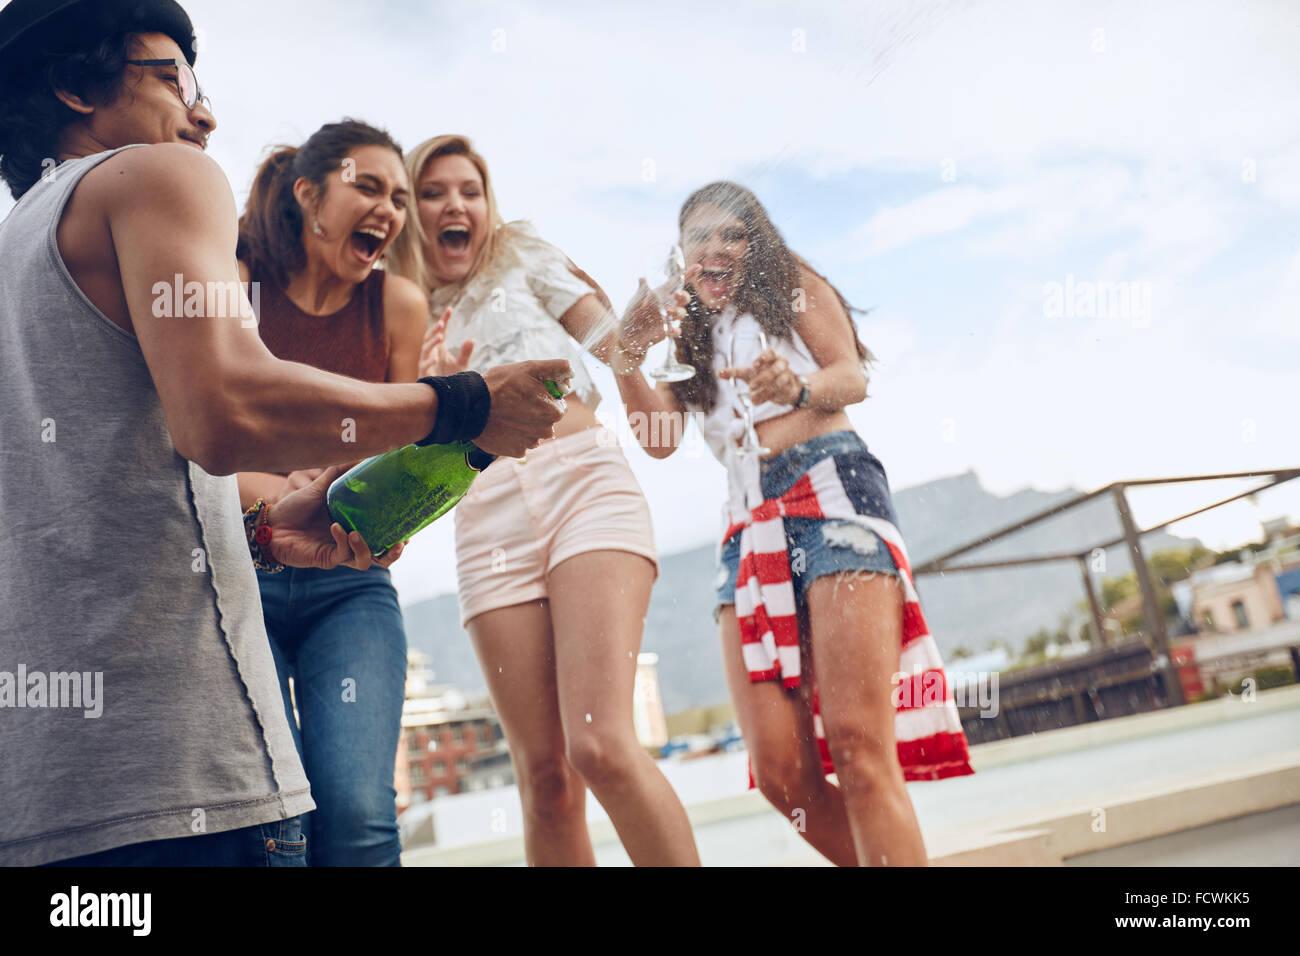 Joven abrir una botella de champán con amigas en el fondo permanente riendo y divirtiéndose. Los jóvenes Imagen De Stock